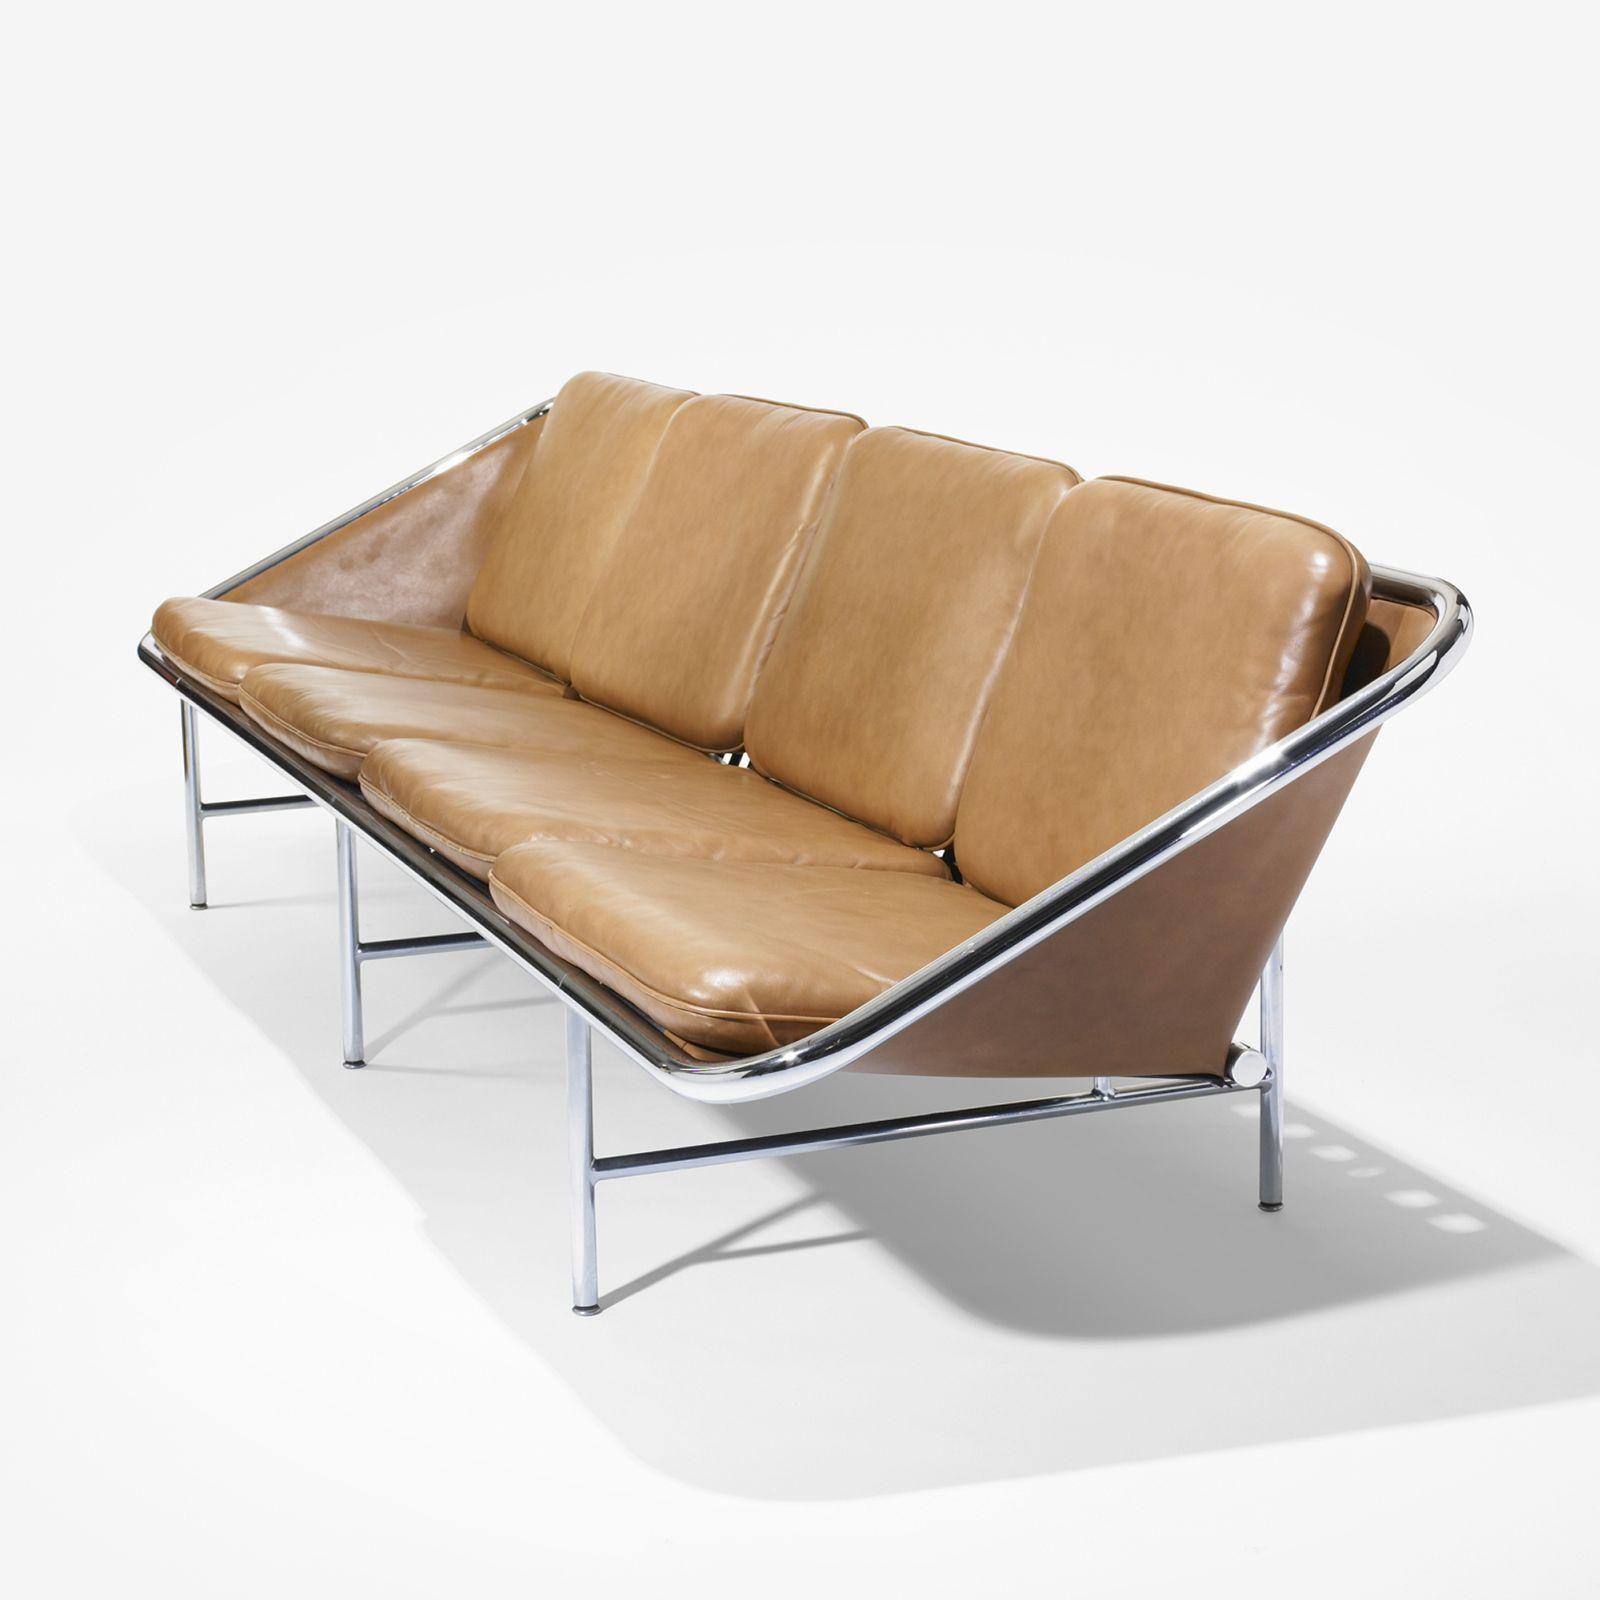 George Nelson Associates Sling Sofa Contemporary Sofa Design